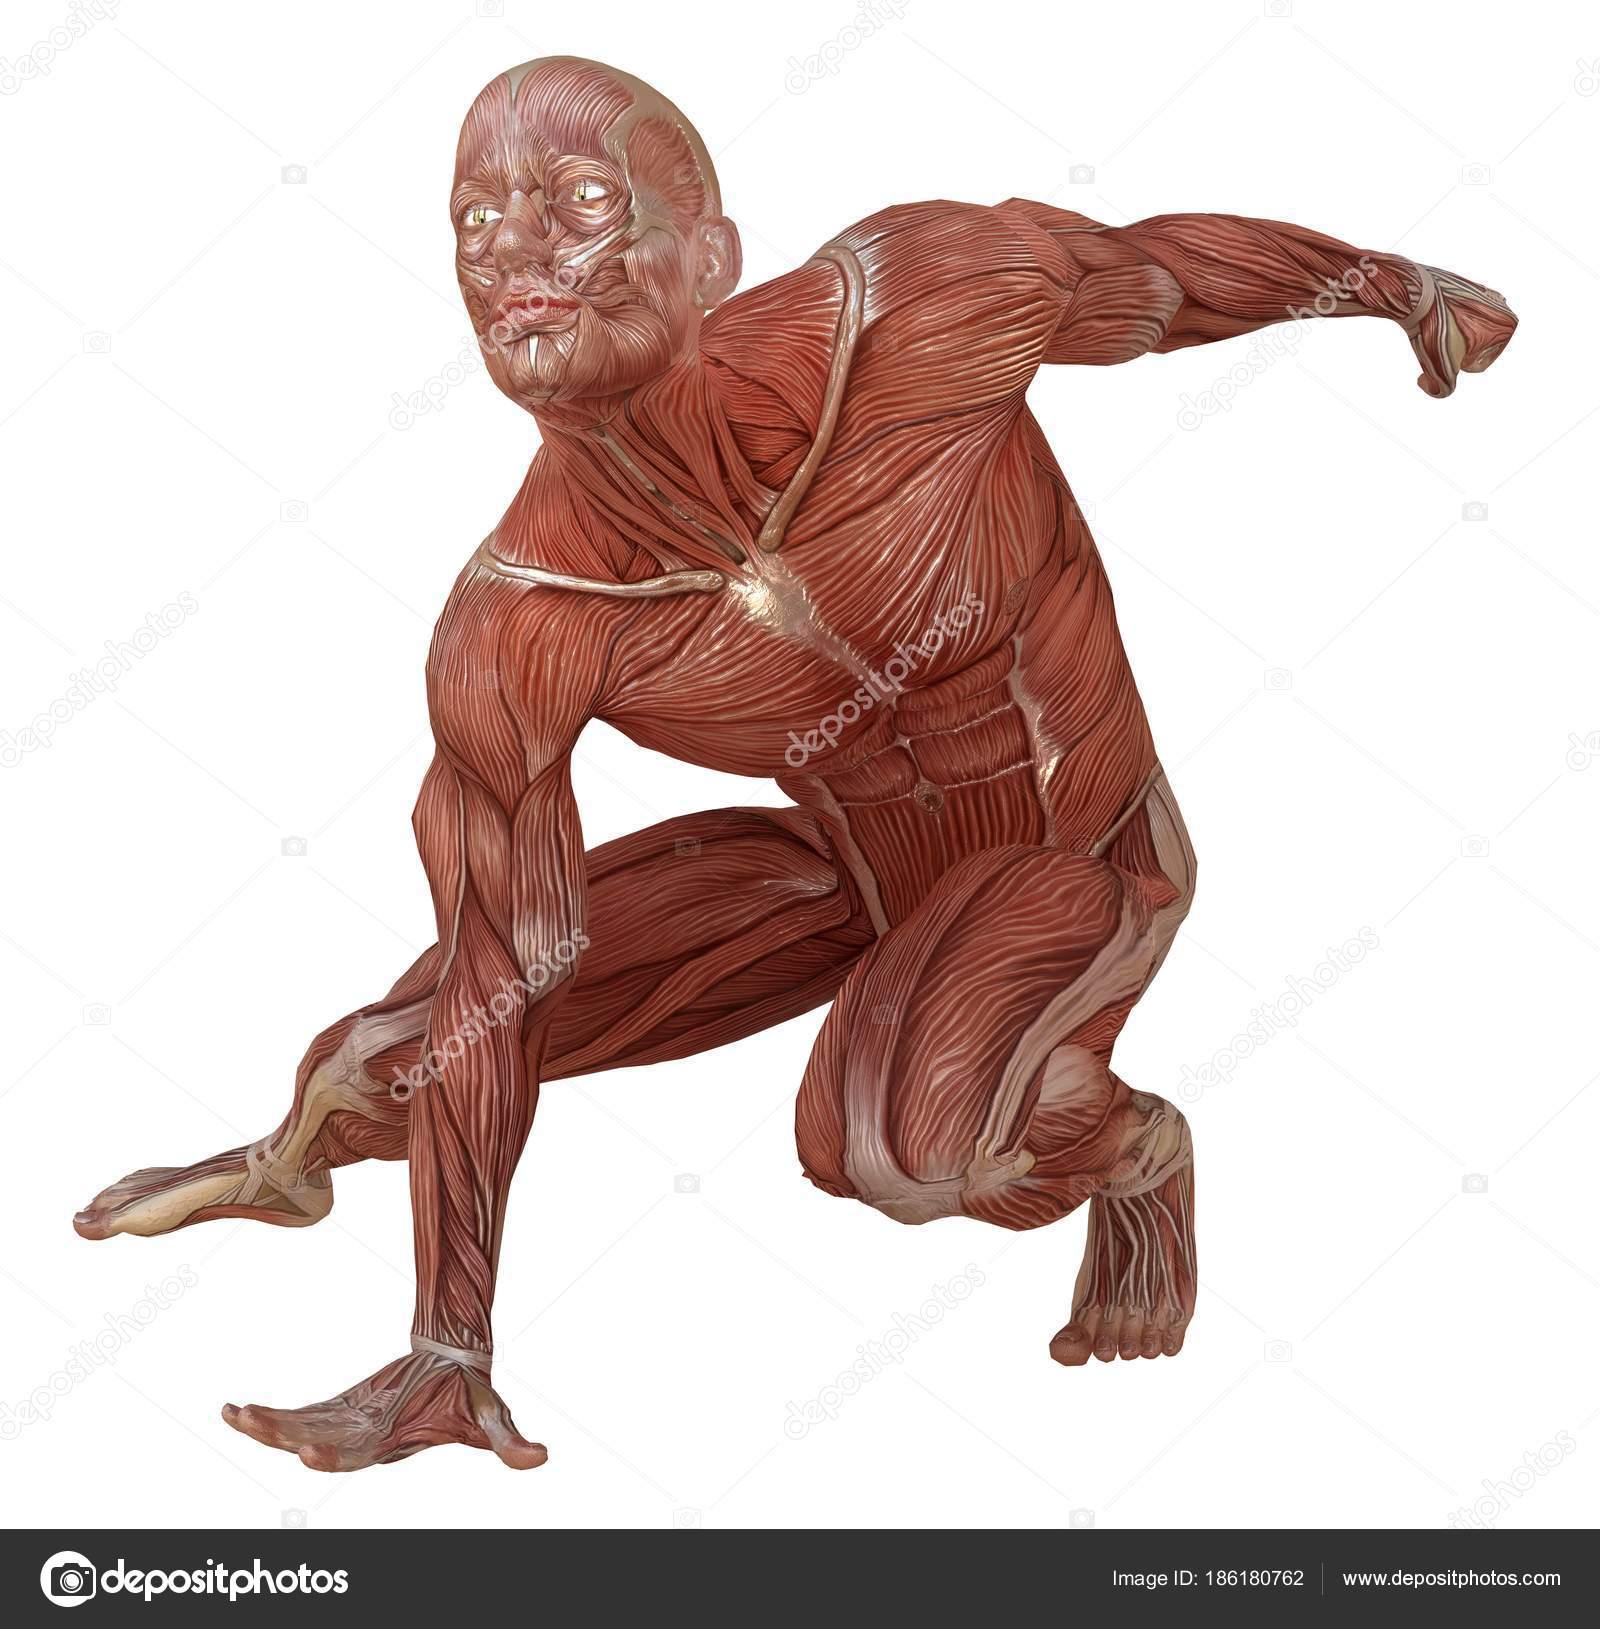 Corpo masculino sem pele, músculos e anatomia 3d ilustração isolado ...